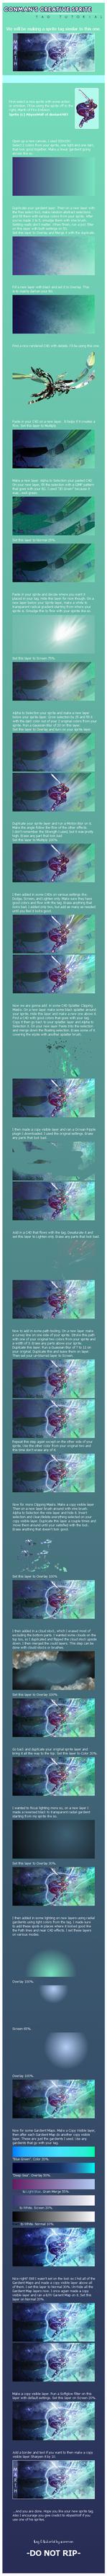 CREATIVE SPRITE Tut by DaConman